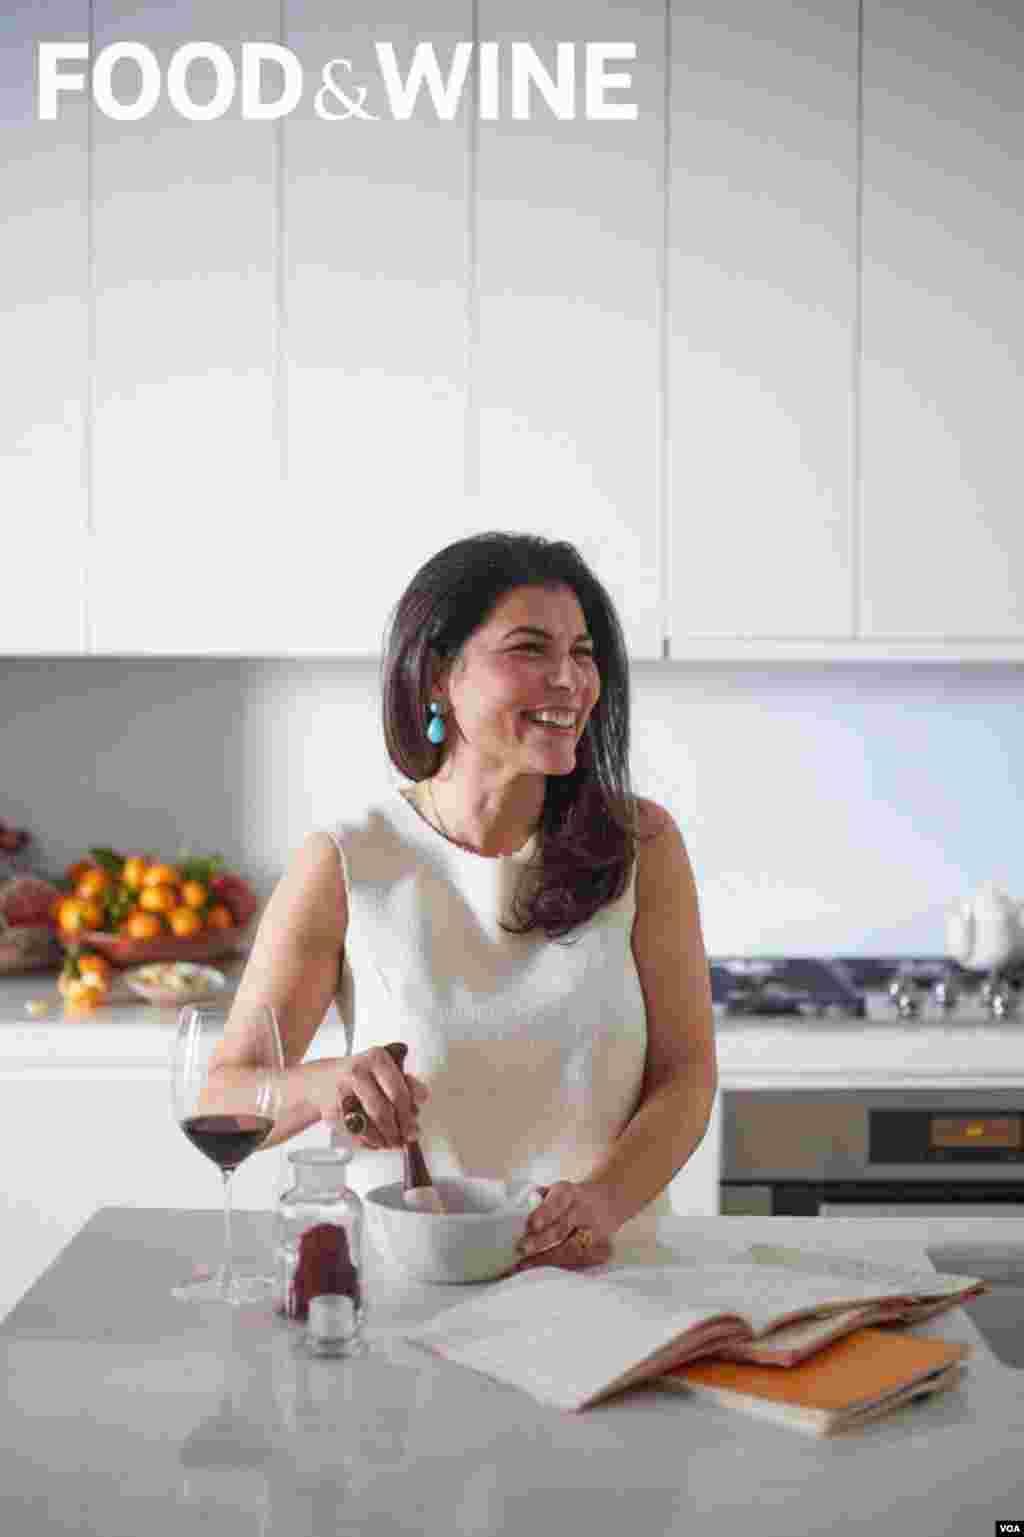 خانم معتمد به صدای آمریکا می گوید که شخصا به آشپزی علاقه زیادی دارد.